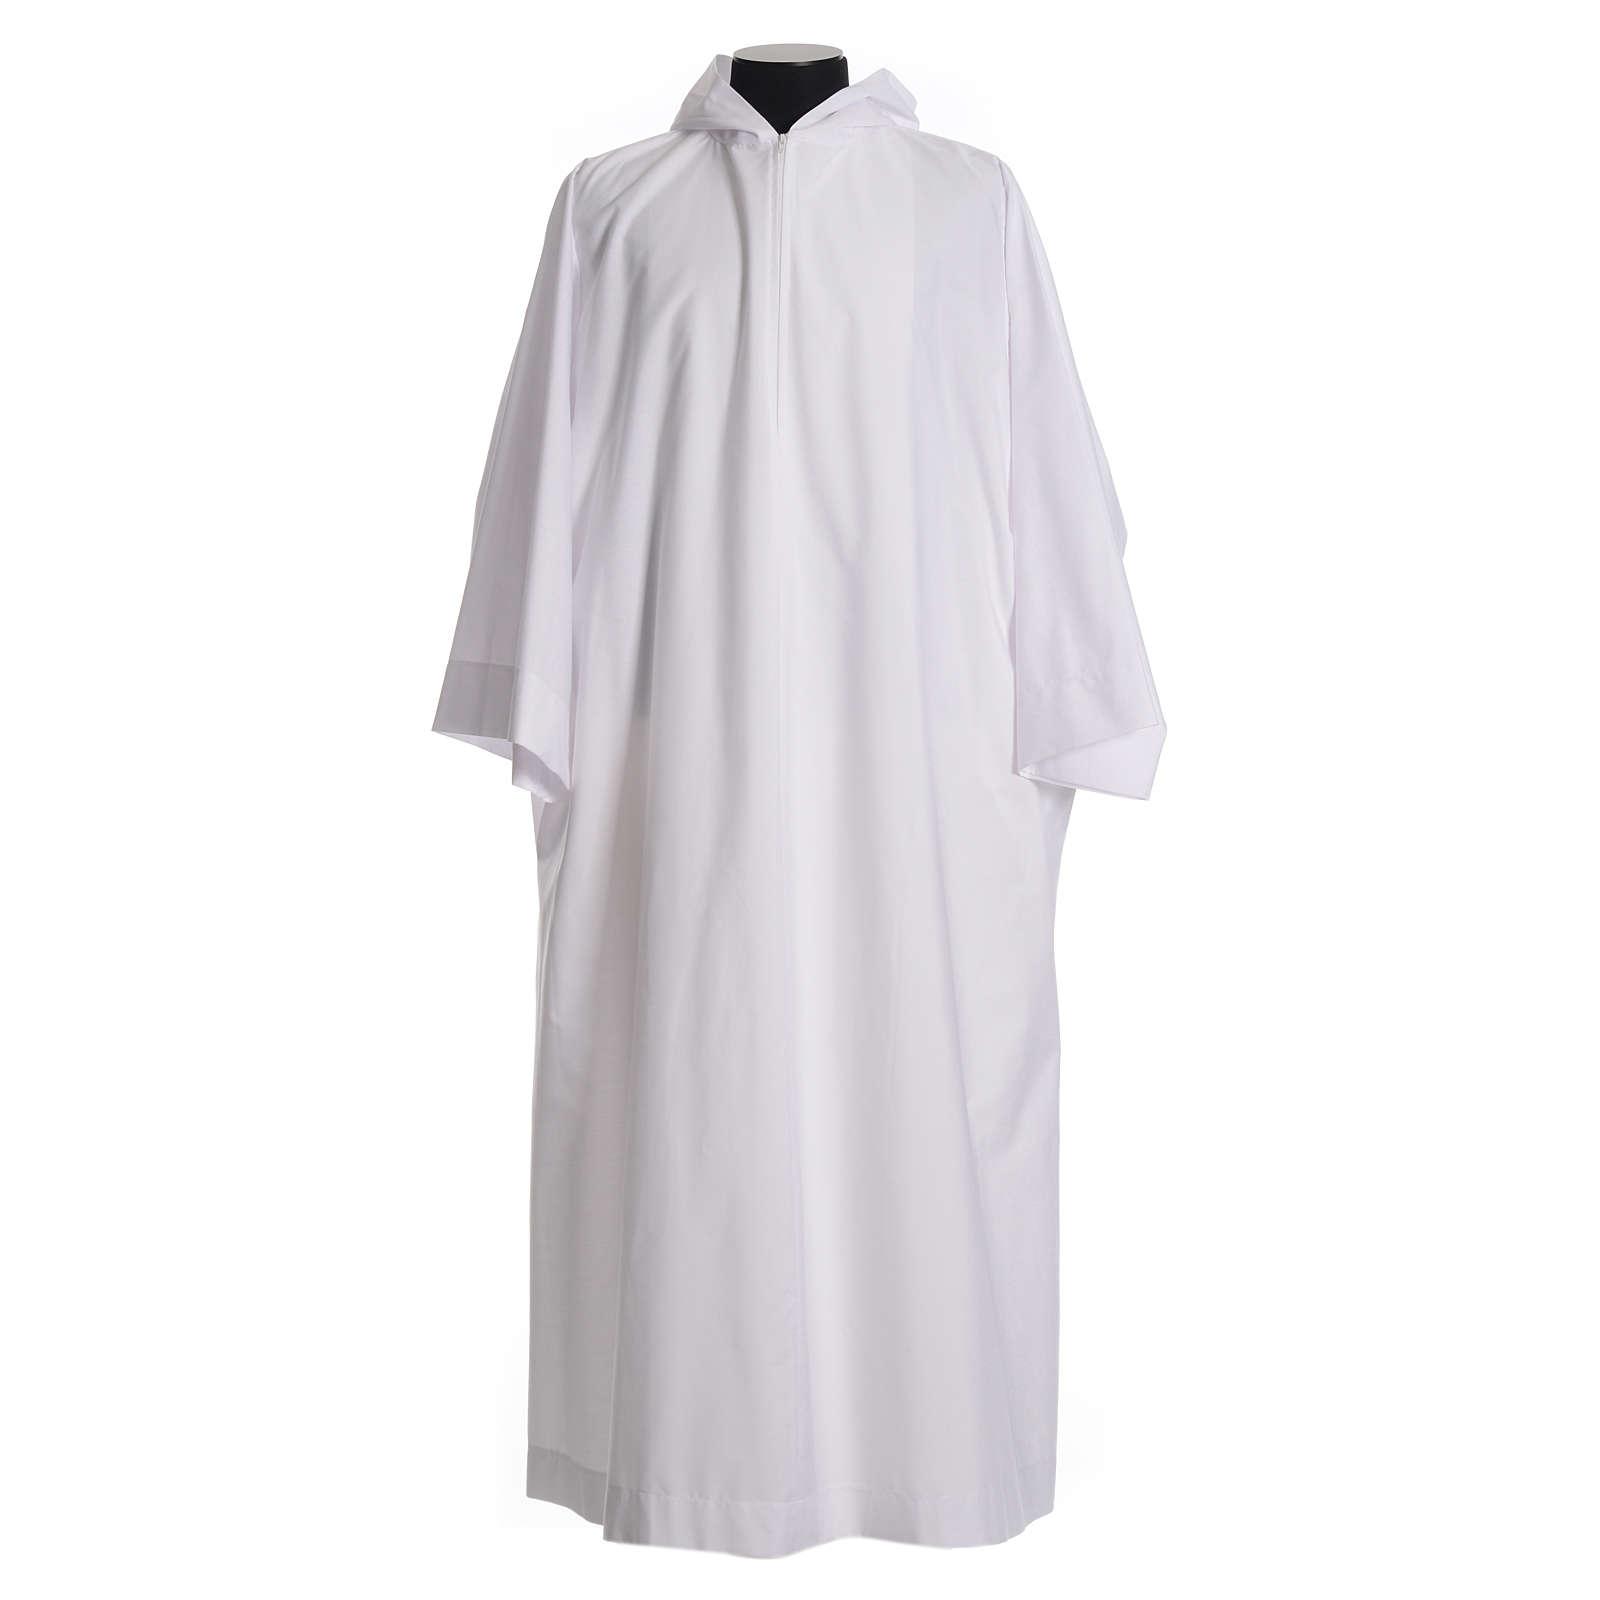 Aube liturgique avec capuchon en coton et polyester 4